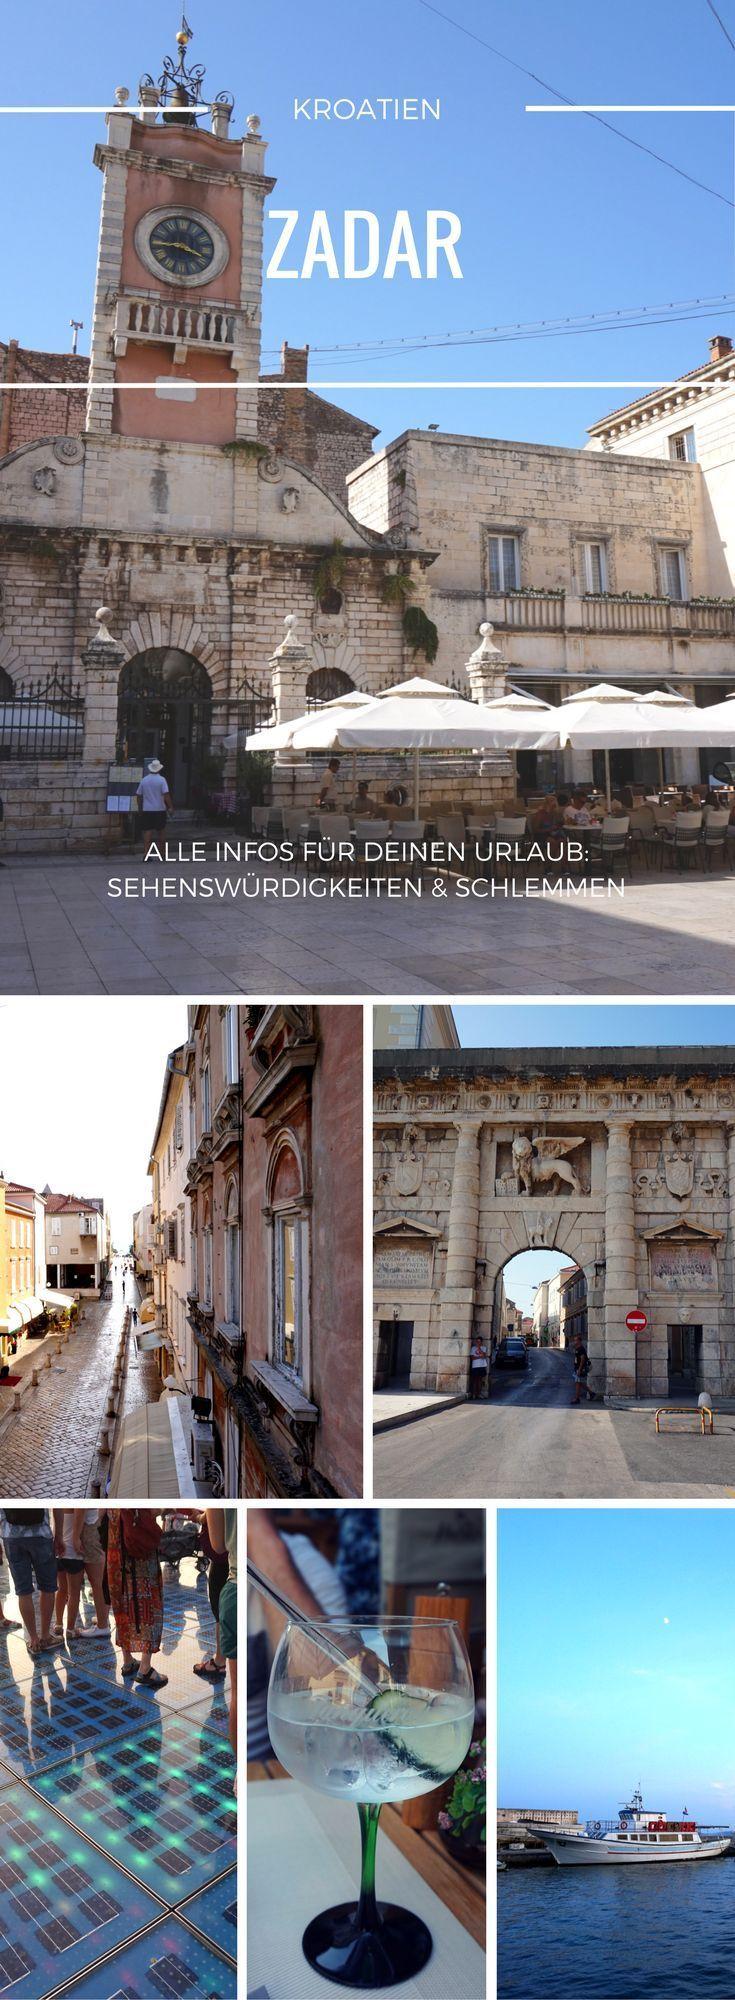 Reisebericht Zadar: Sehenswürdigkeiten in der Altstadt • Worldonabudget – Worldonabudget Reiseblog | Reisen und Urlaub mit kleinem Budget und großen Gefühlen.